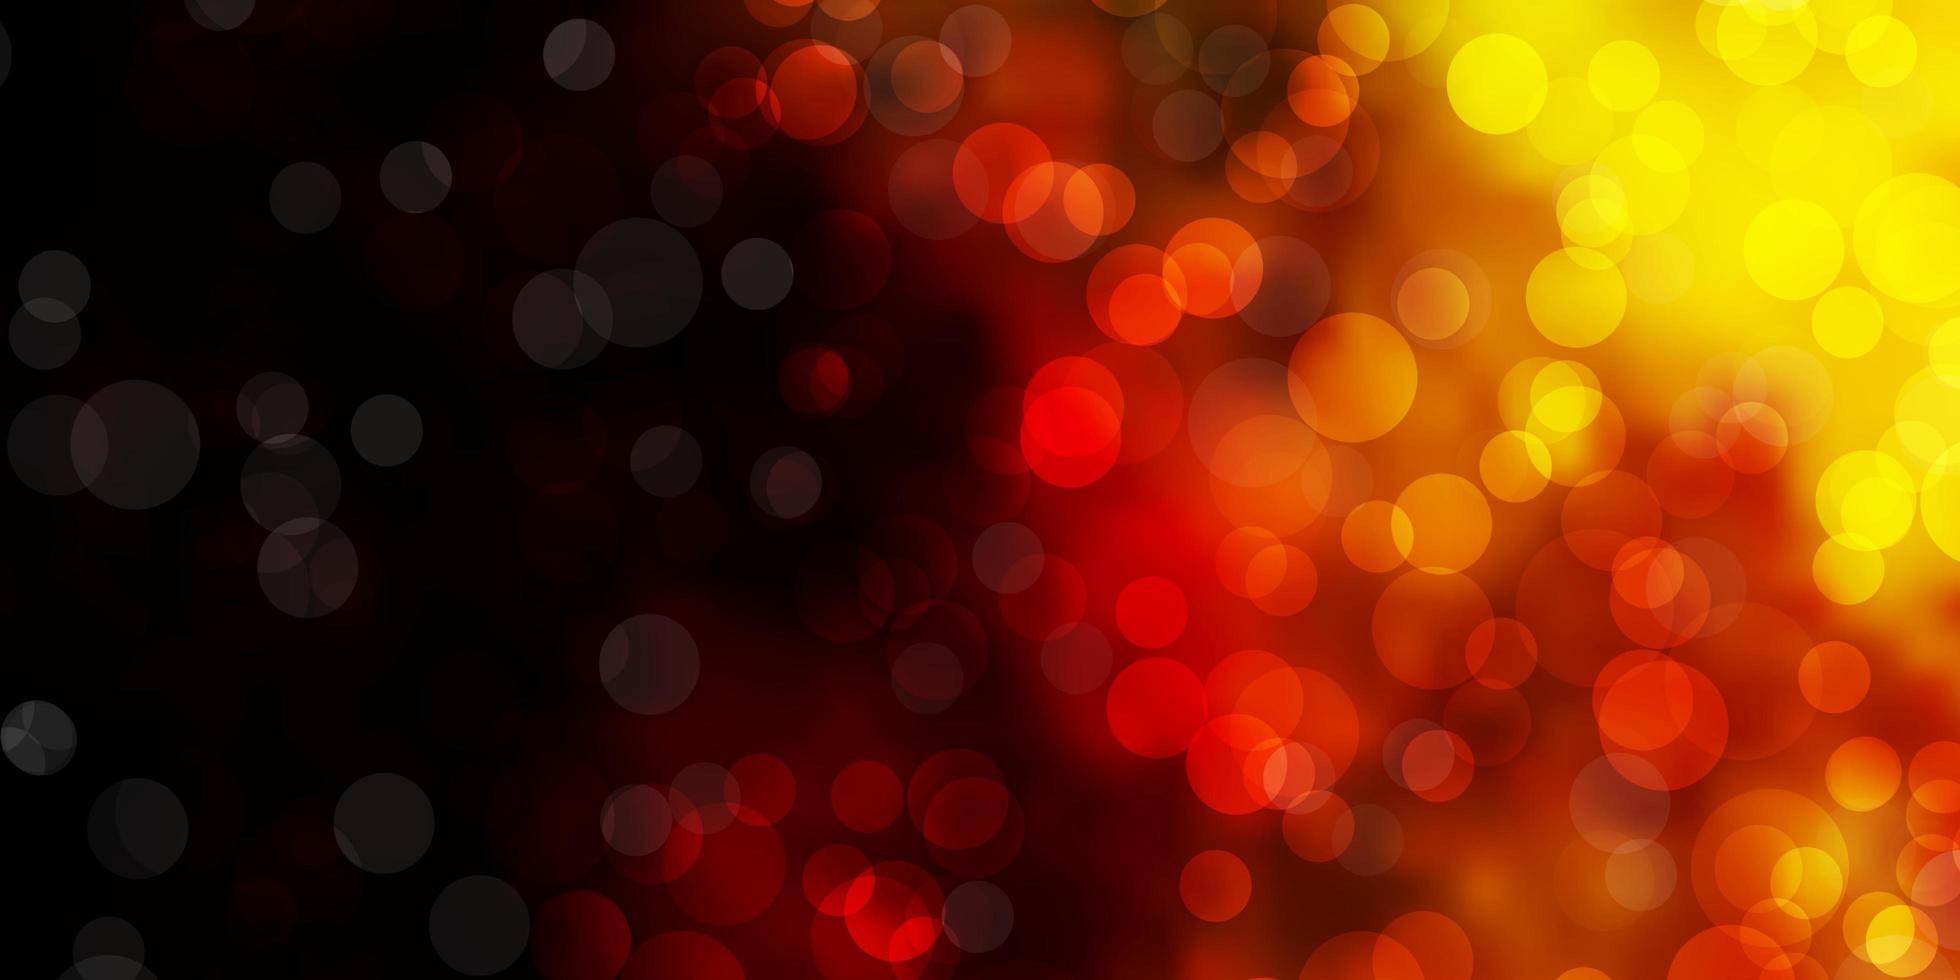 toile de fond de vecteur rouge et jaune foncé avec des points.